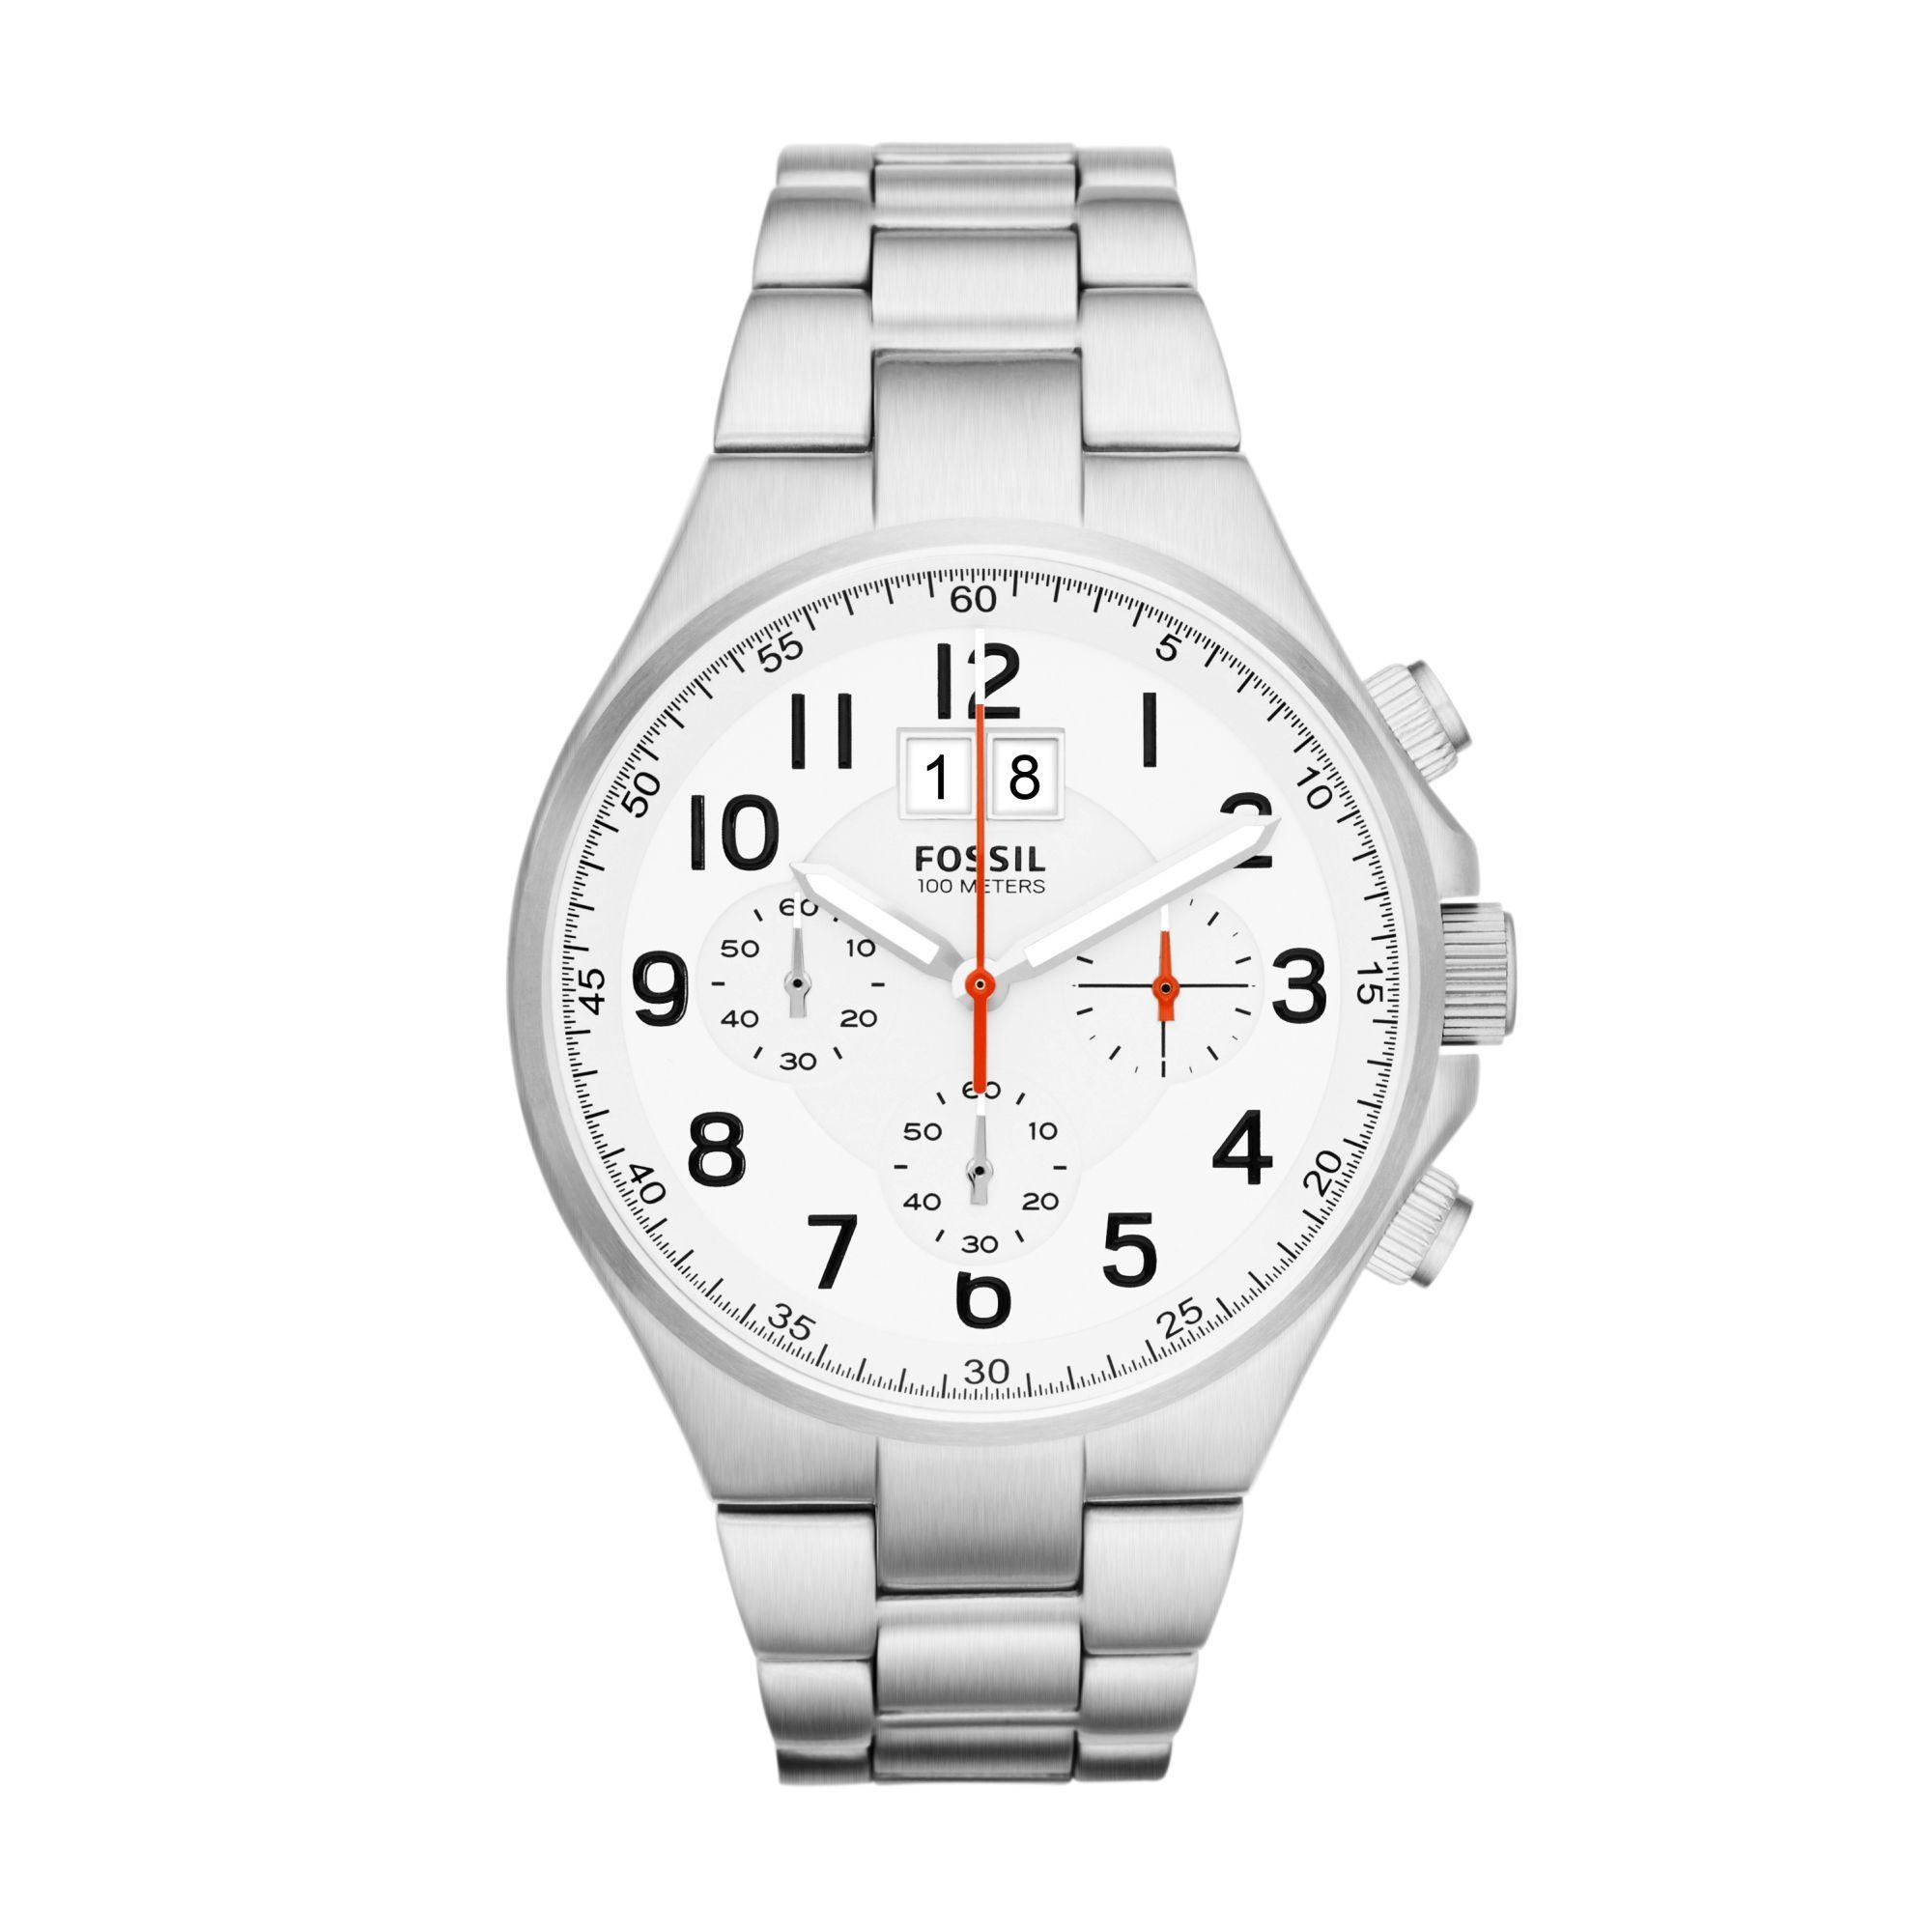 Fossil Uhr CH2903 Qualifier mit Gravur